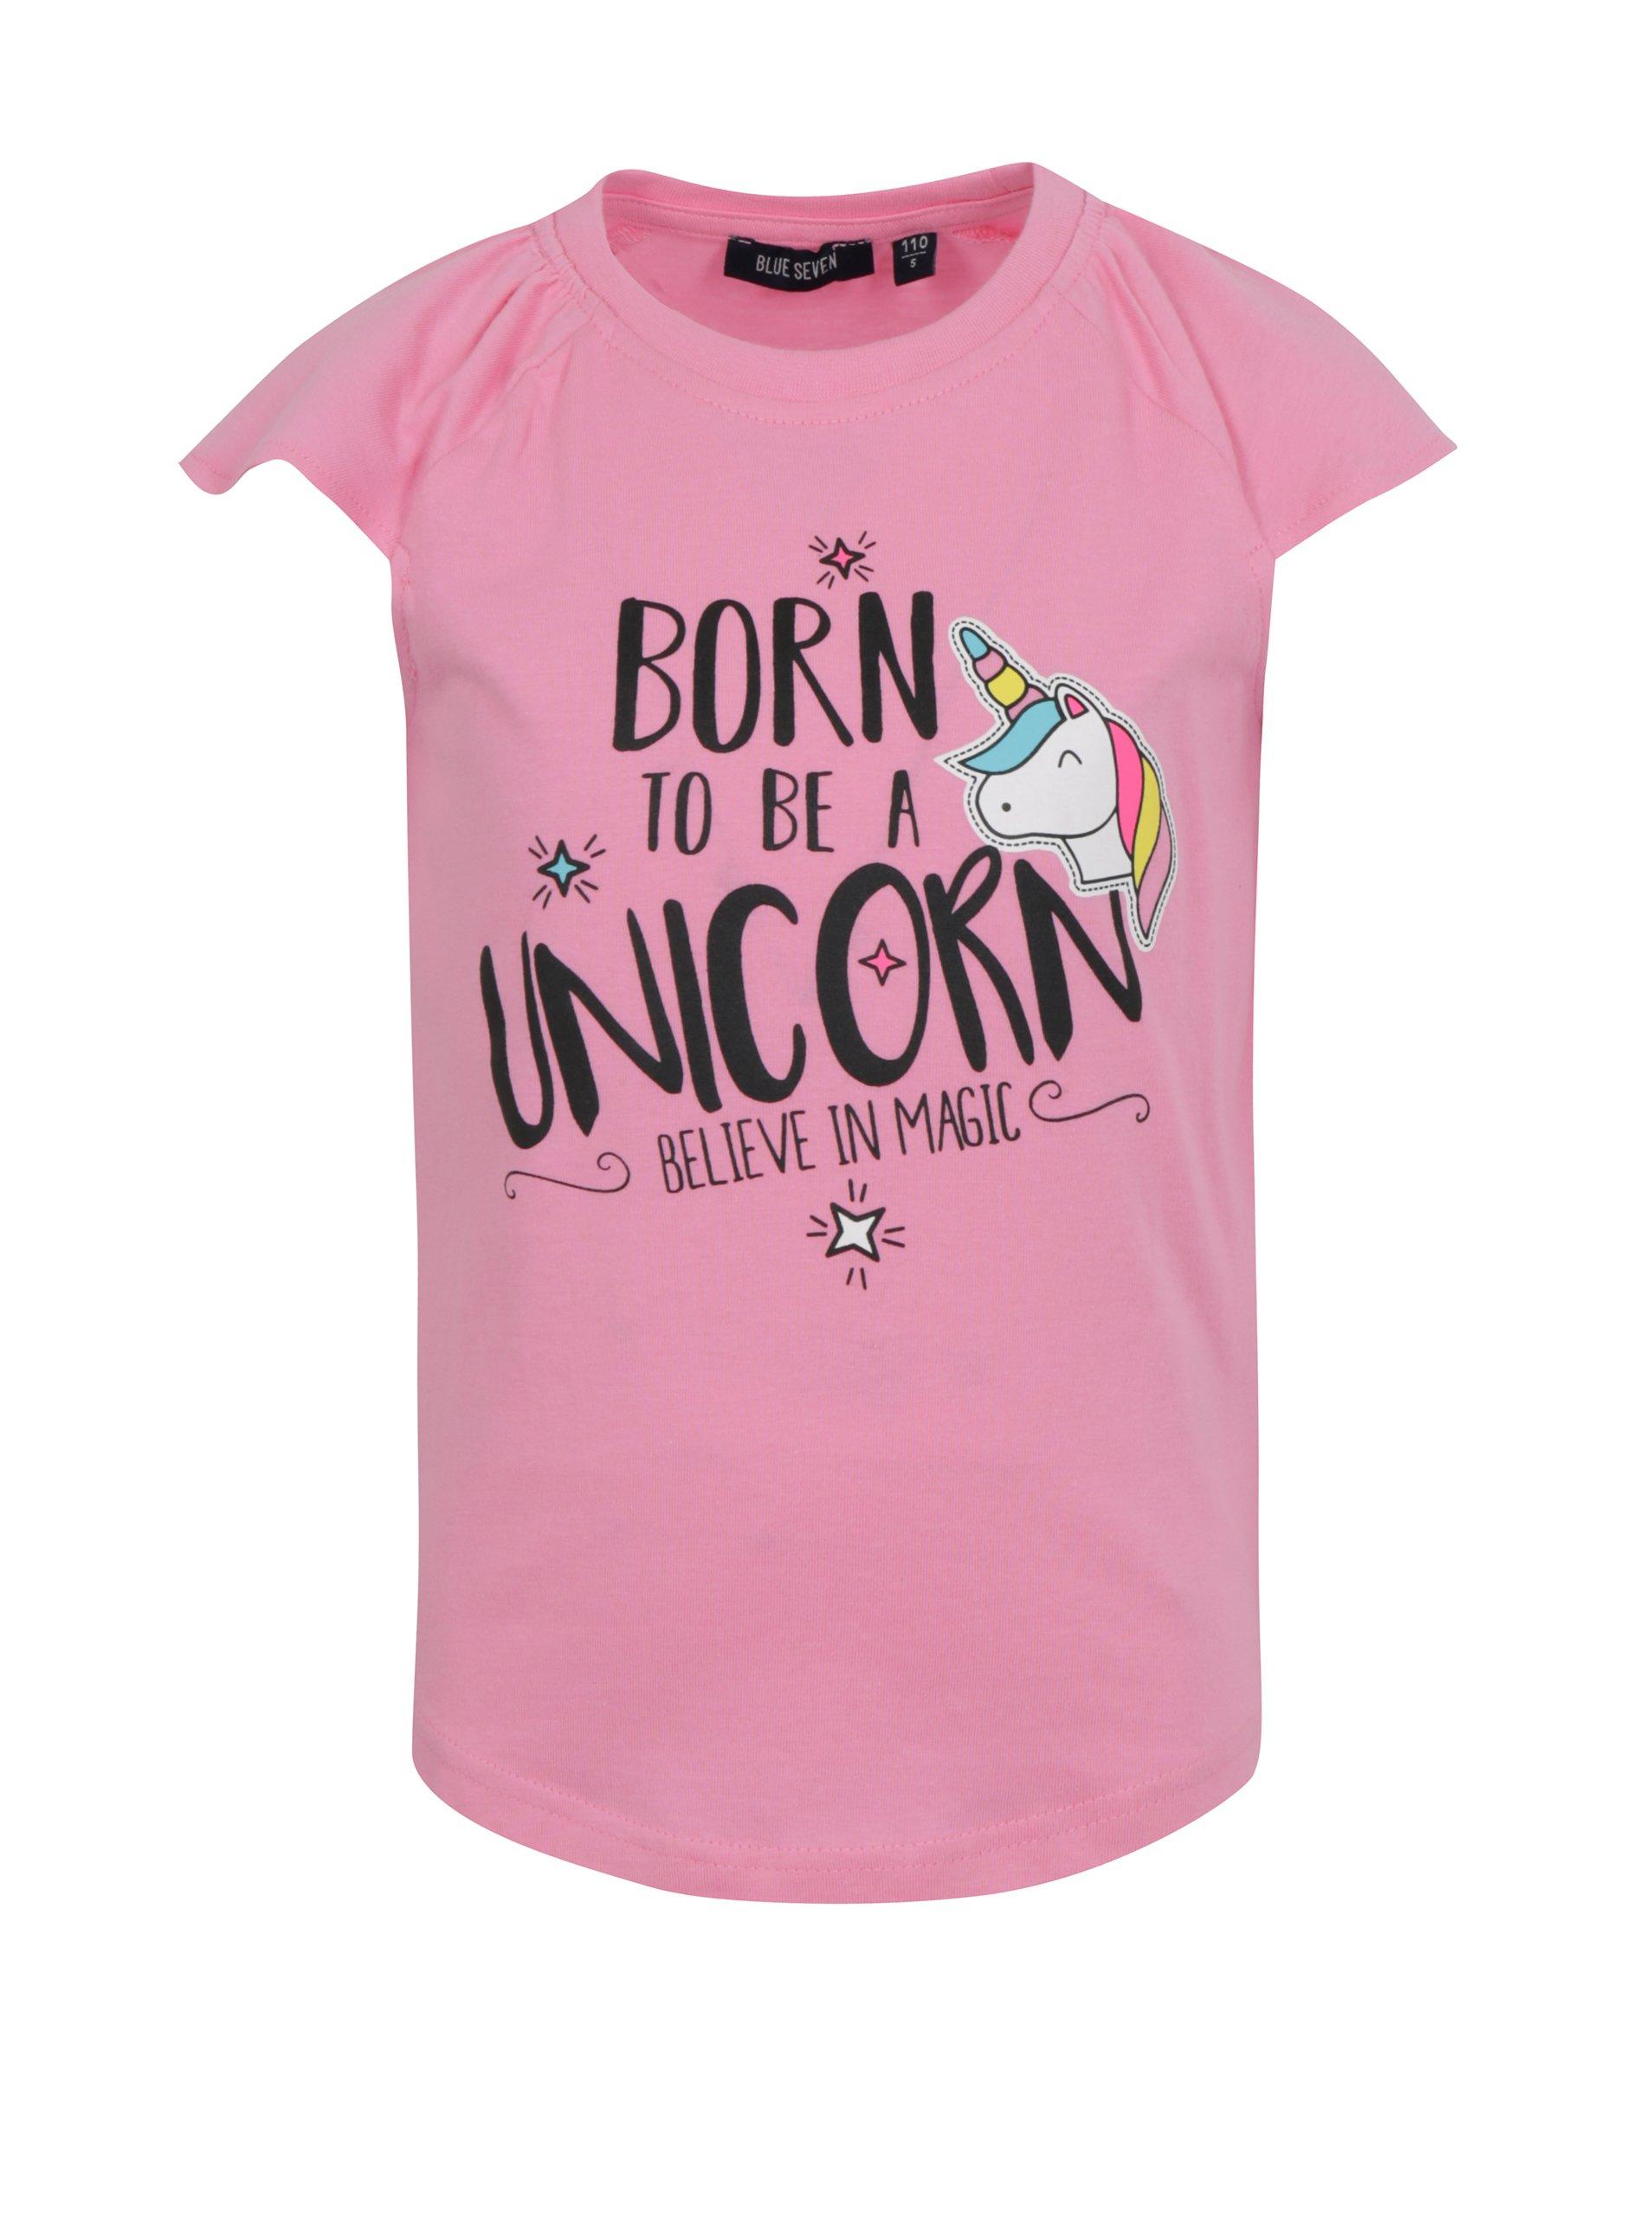 Ružové dievčenské tričko s potlačou jednorožca Blue Seven